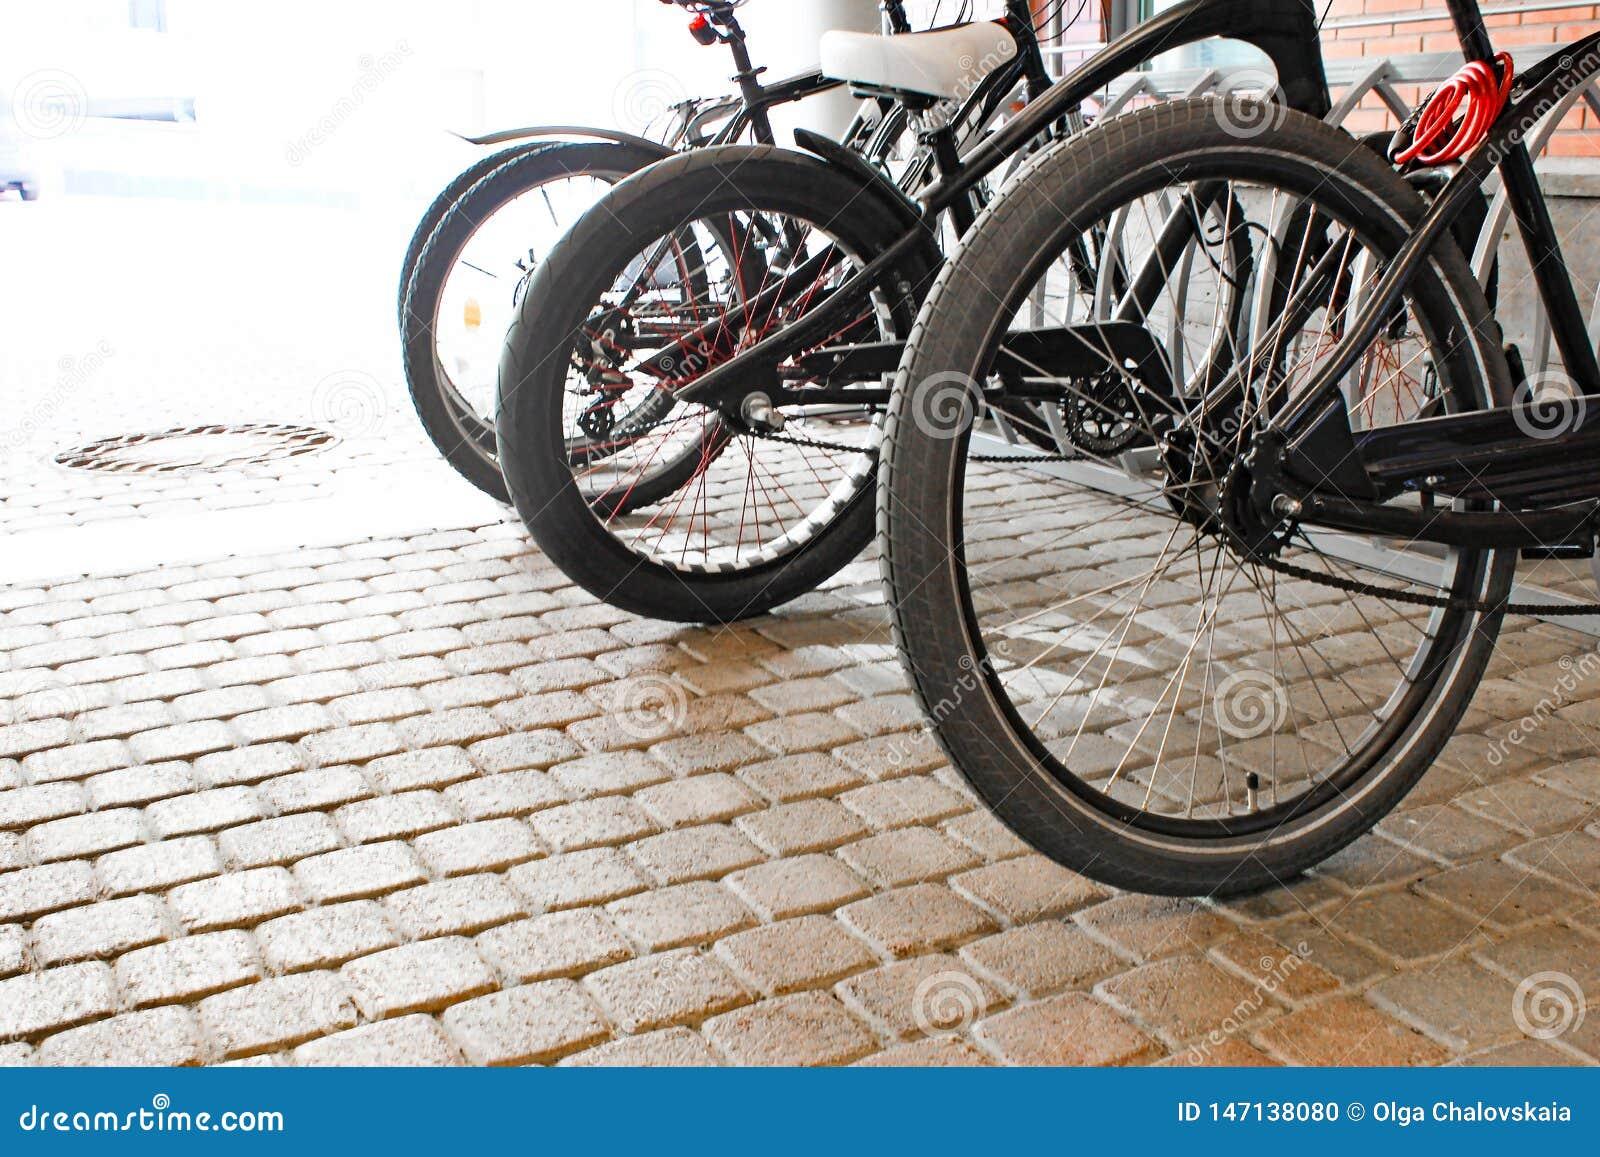 Σταθμευμένα ποδήλατα στο πεζοδρόμιο Χώρος στάθμευσης ποδηλάτων ποδηλάτων στην οδό